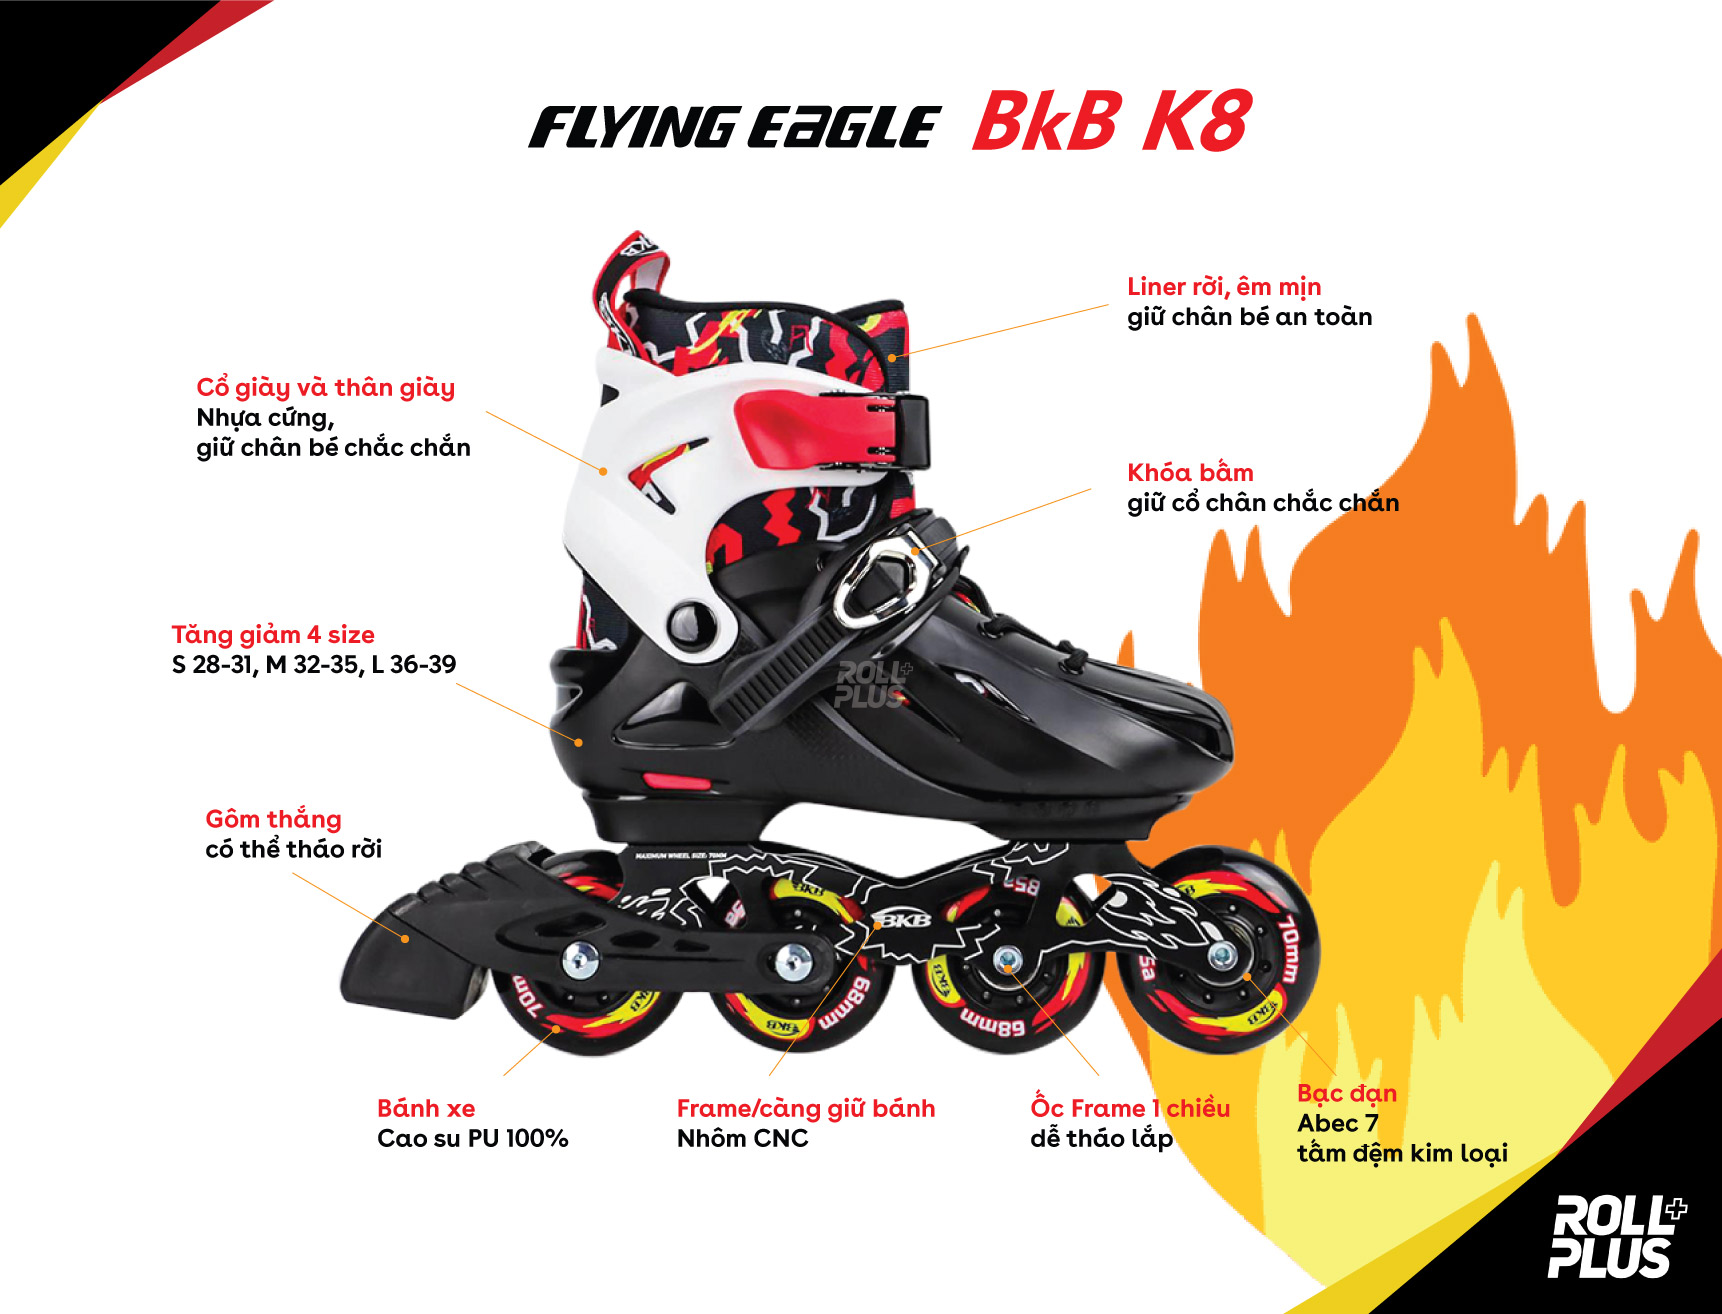 giay-patin-tre-em-flying-eagle-bkb-k8-den-do